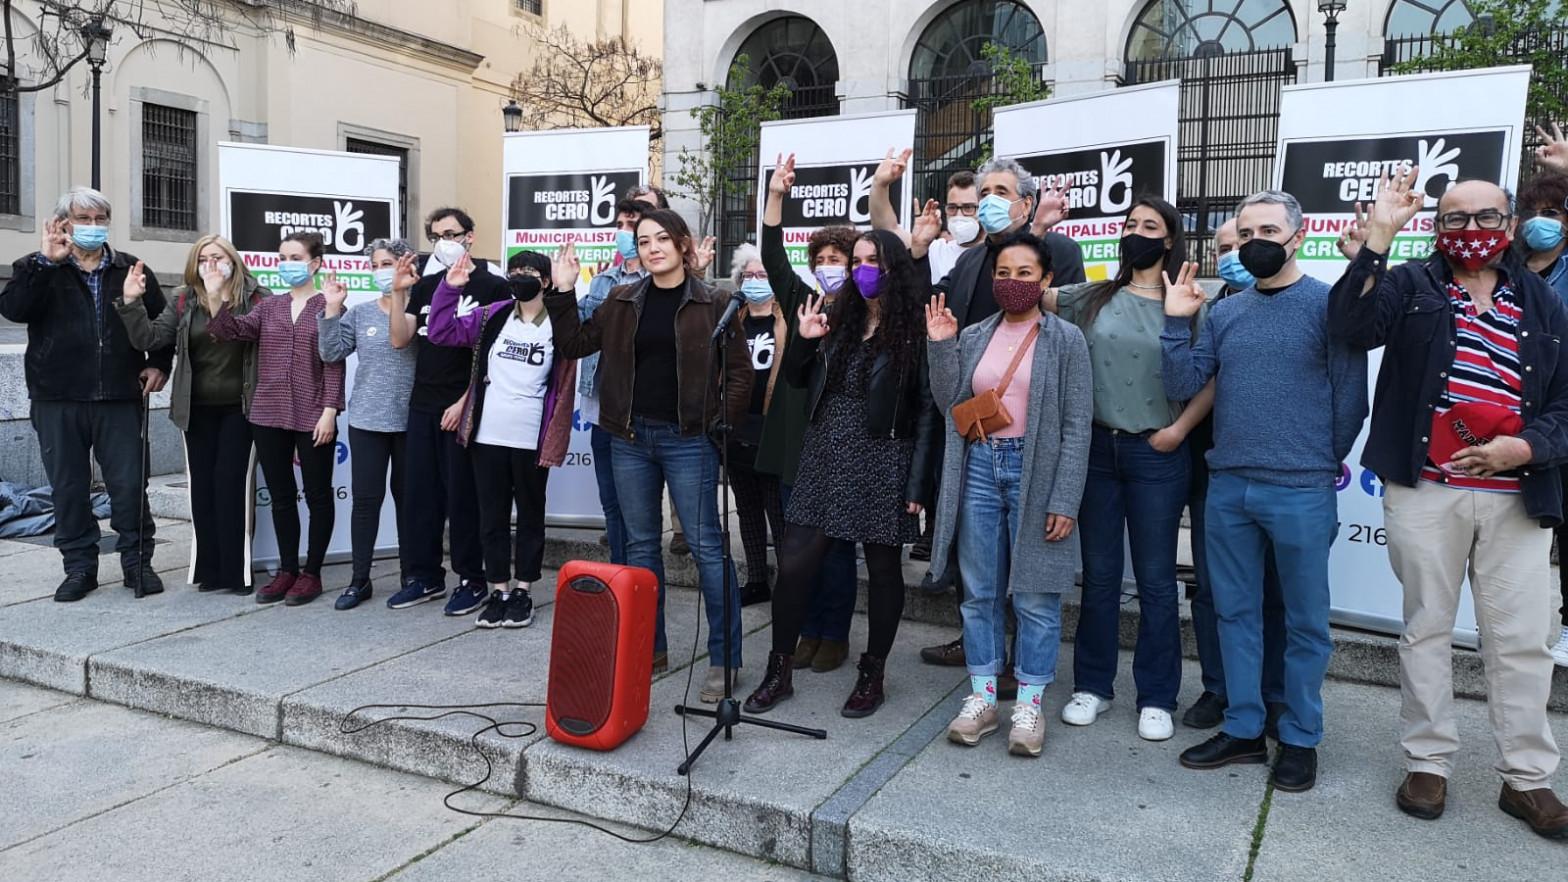 Una nueva coalición de izquierdas busca arañar votos a Podemos en plena crisis